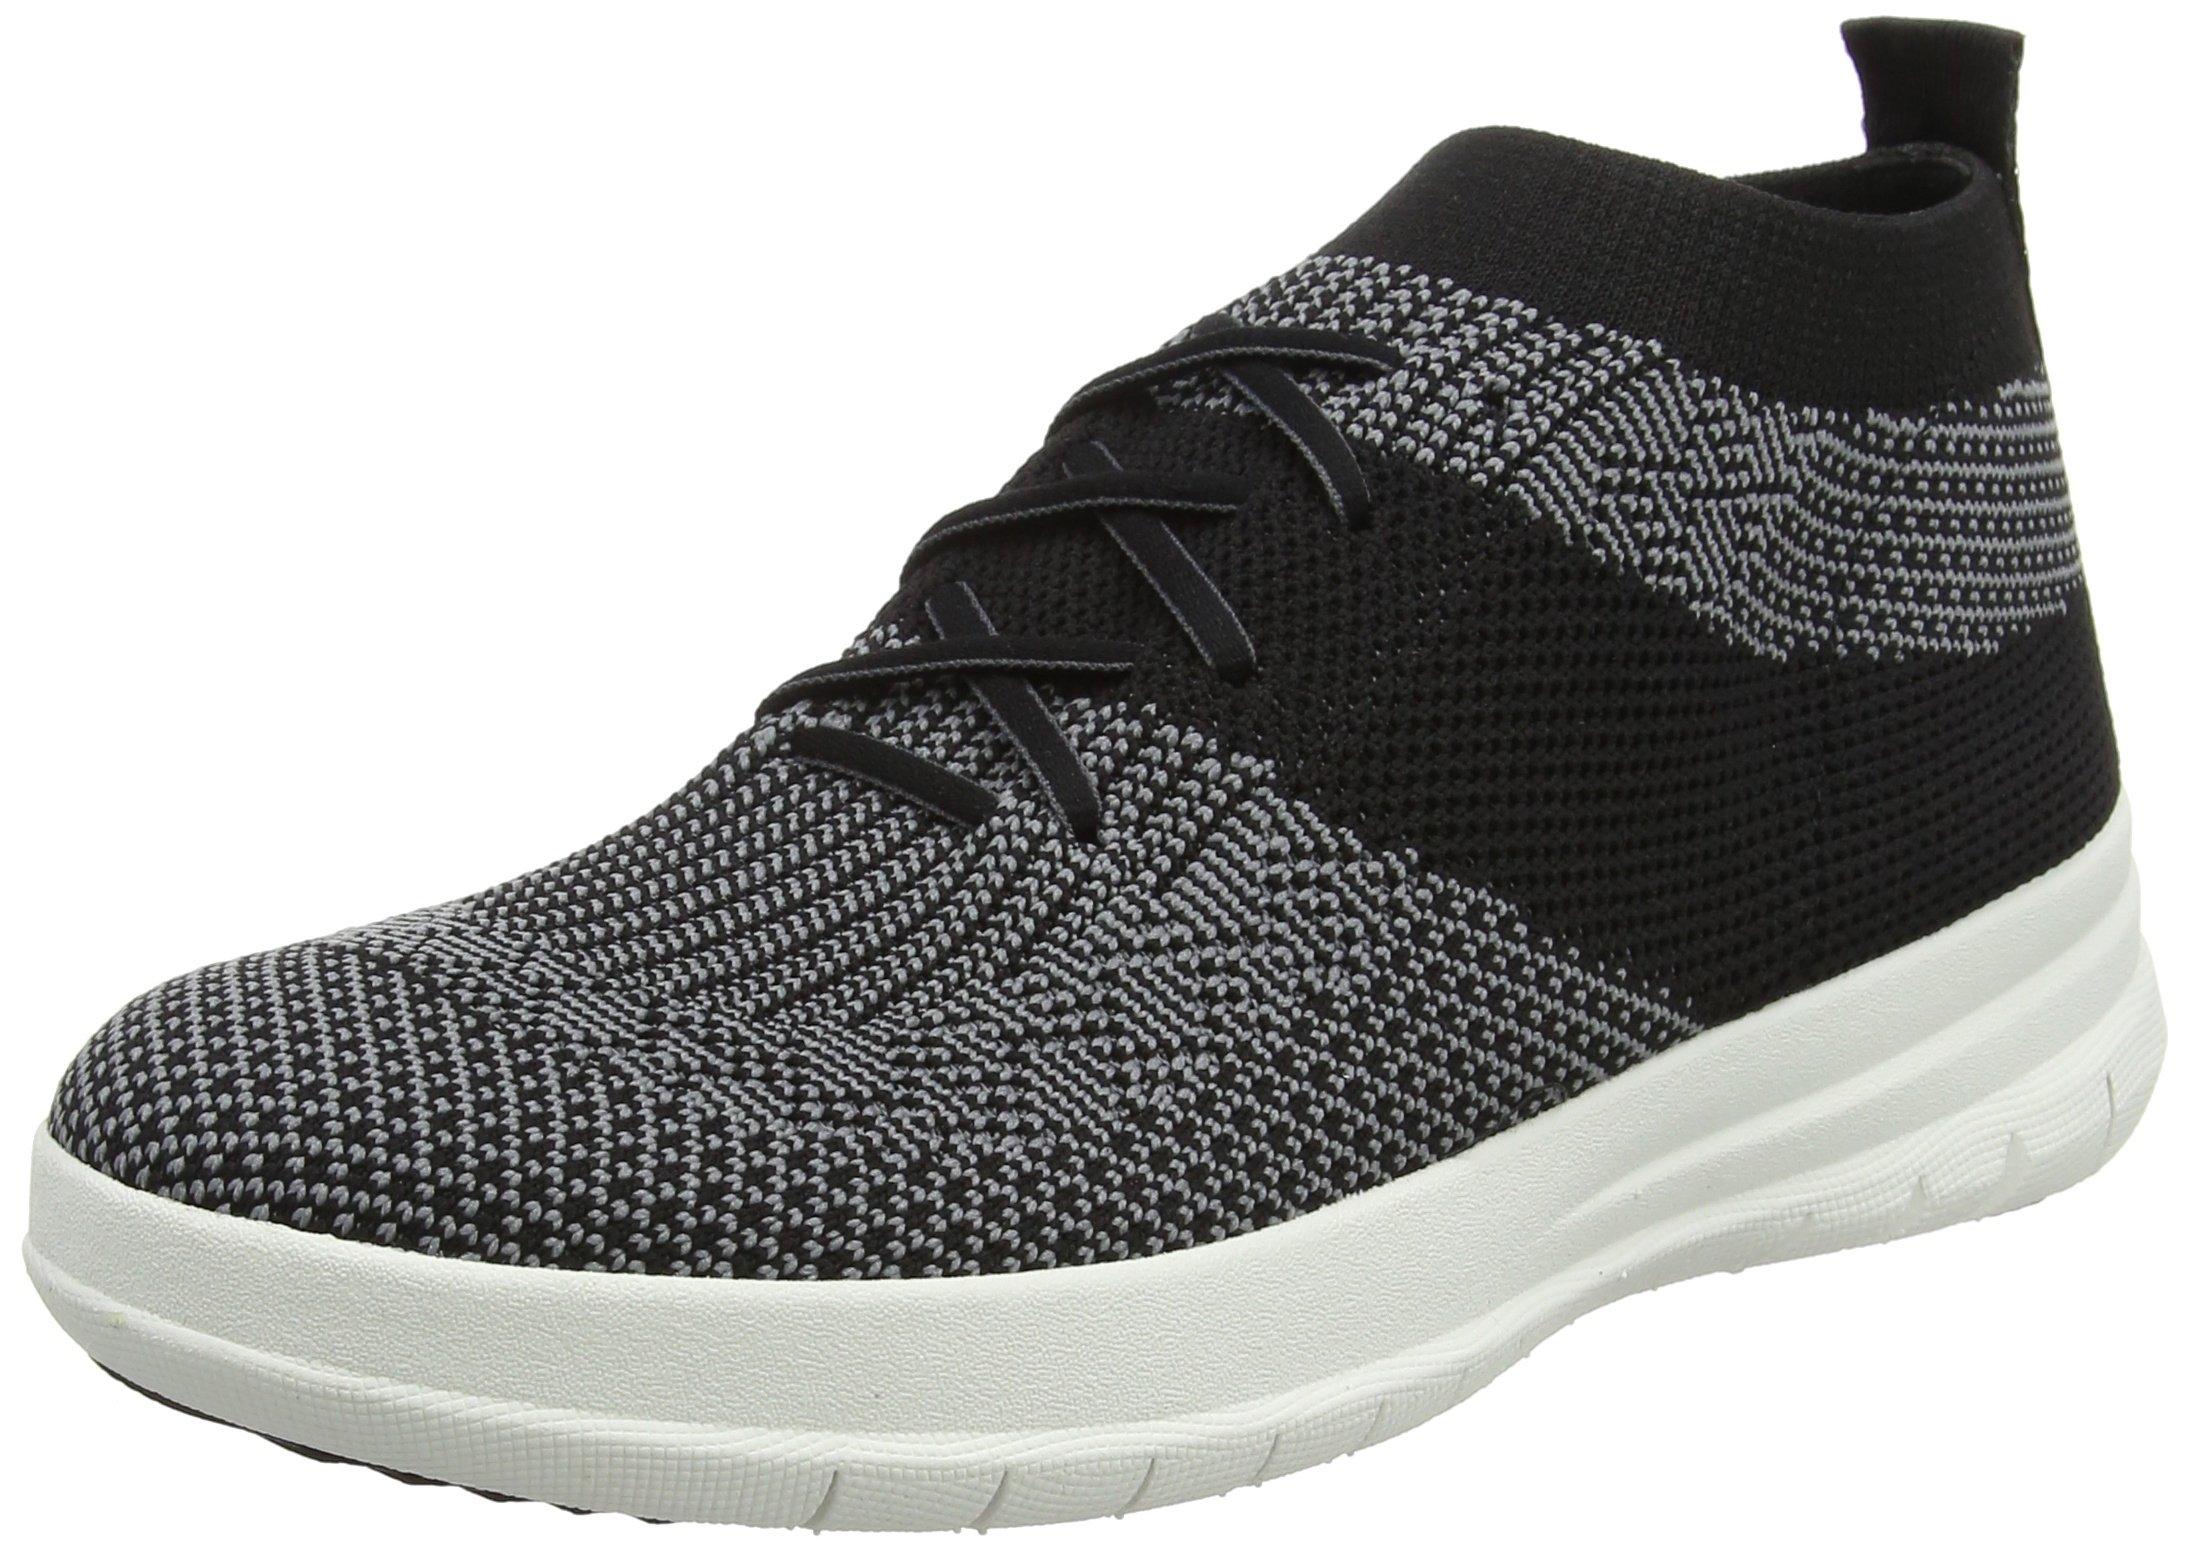 Top 1 Fitflop 3 Eu FemmeMulticolourblack Uberknit Slip charcoal37 on High SneakerBaskets OXZwlkPiuT